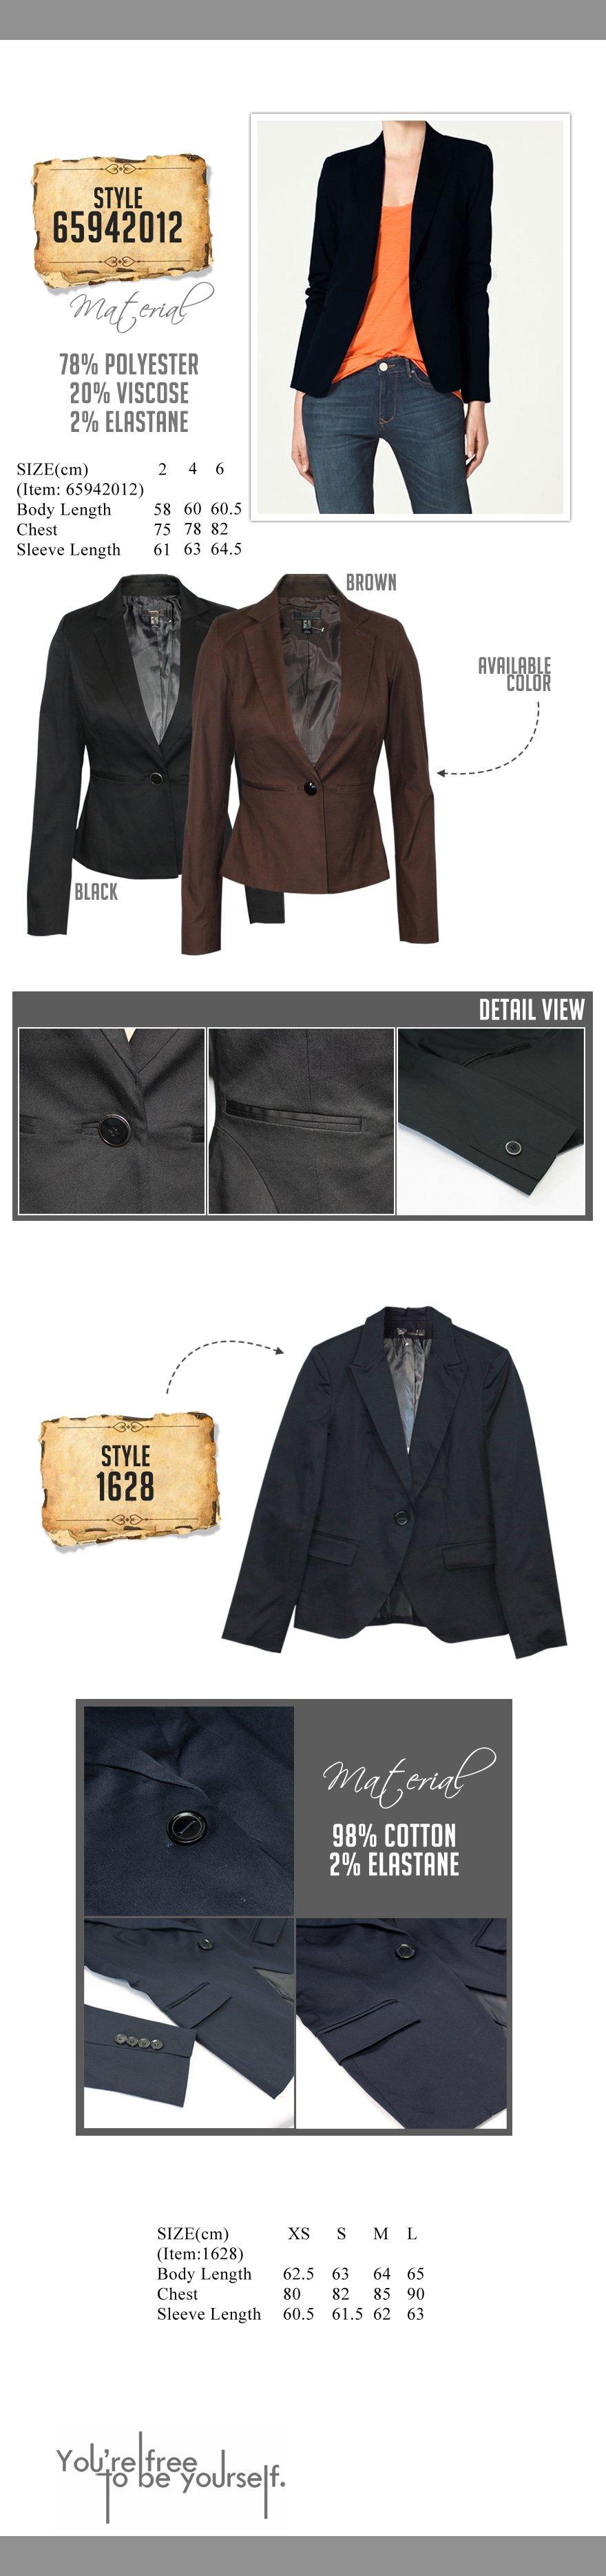 Every Need Want Day Fashion Trendy Blazer Slimfit Korea Blz 602 Style 719963 Size Grading Xxs Xs S M L Xl Xxl